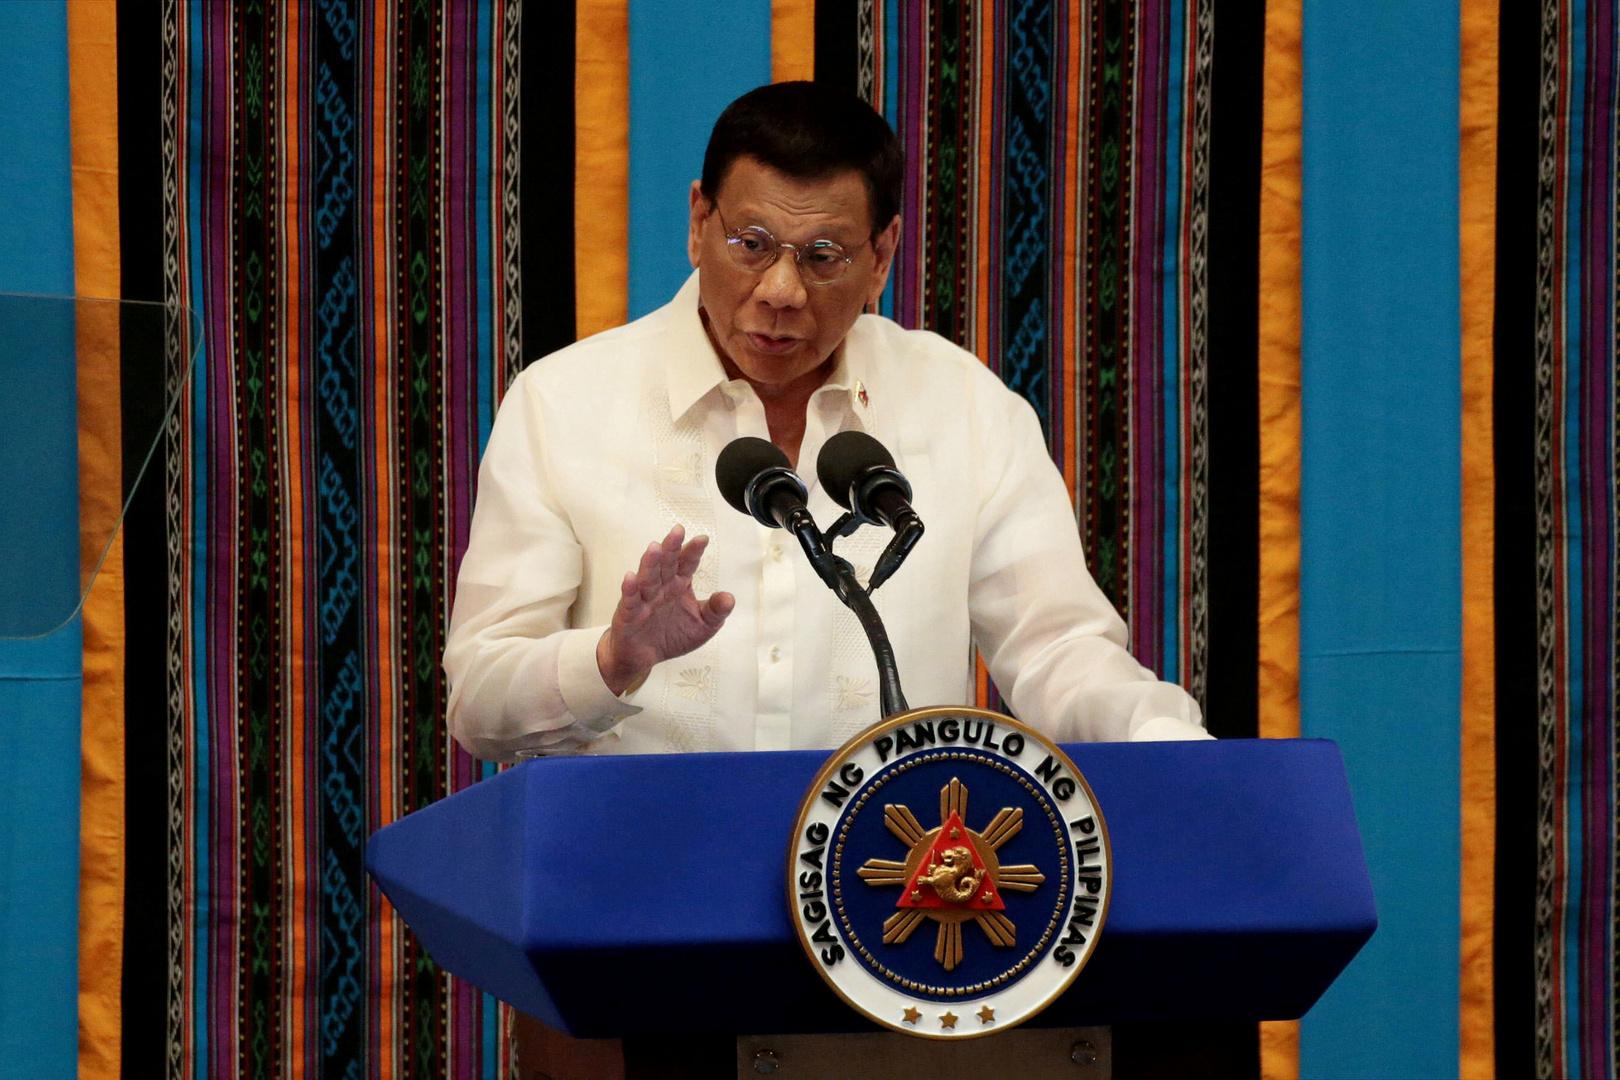 الرئيس الفلبيني لواشنطن: لا لقاح يعني لا بقاء لقواتكم هنا